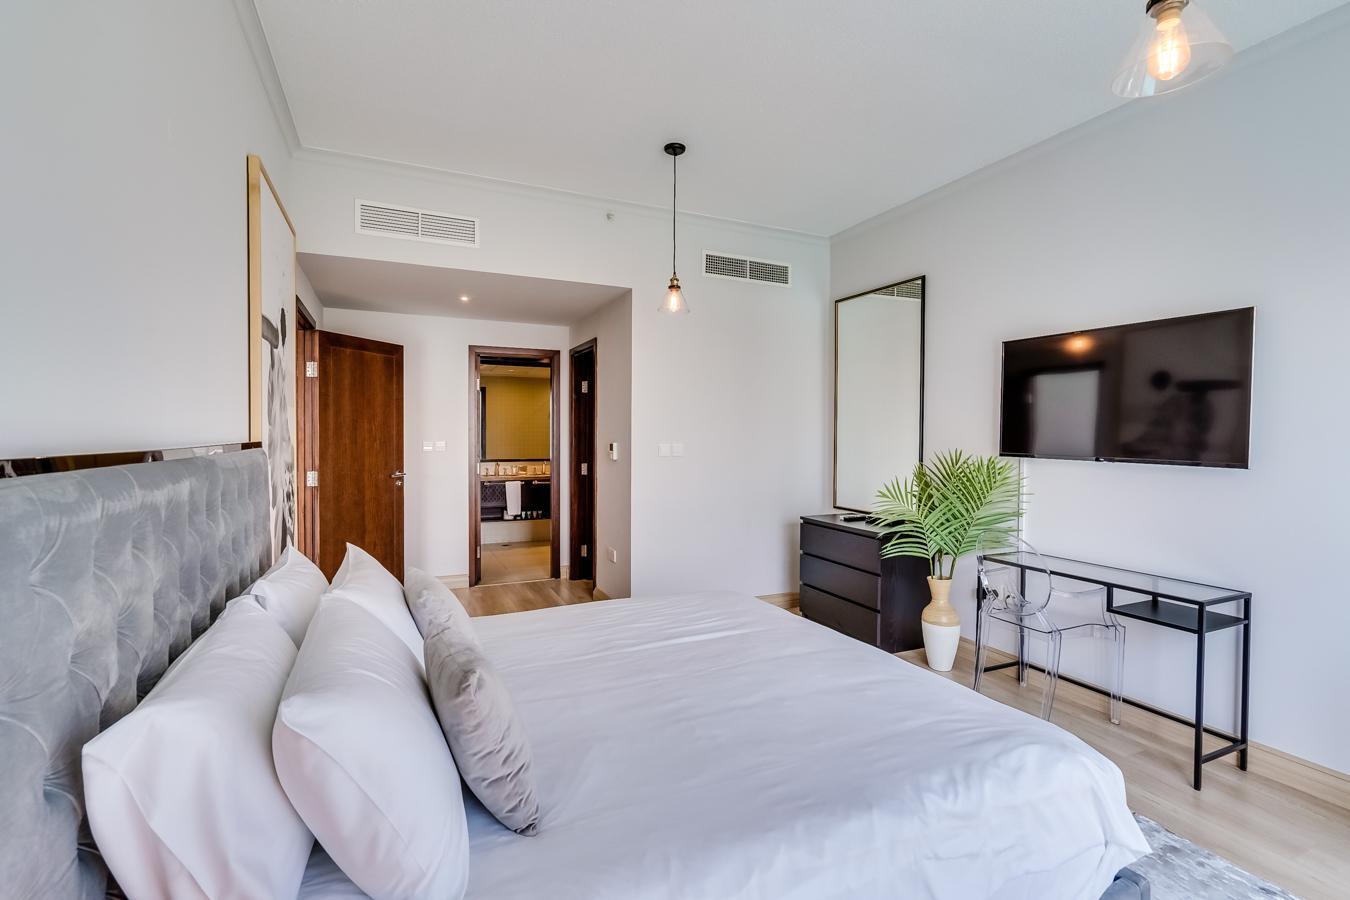 Wonderland Ease By Emaar One Bedroom Apartment